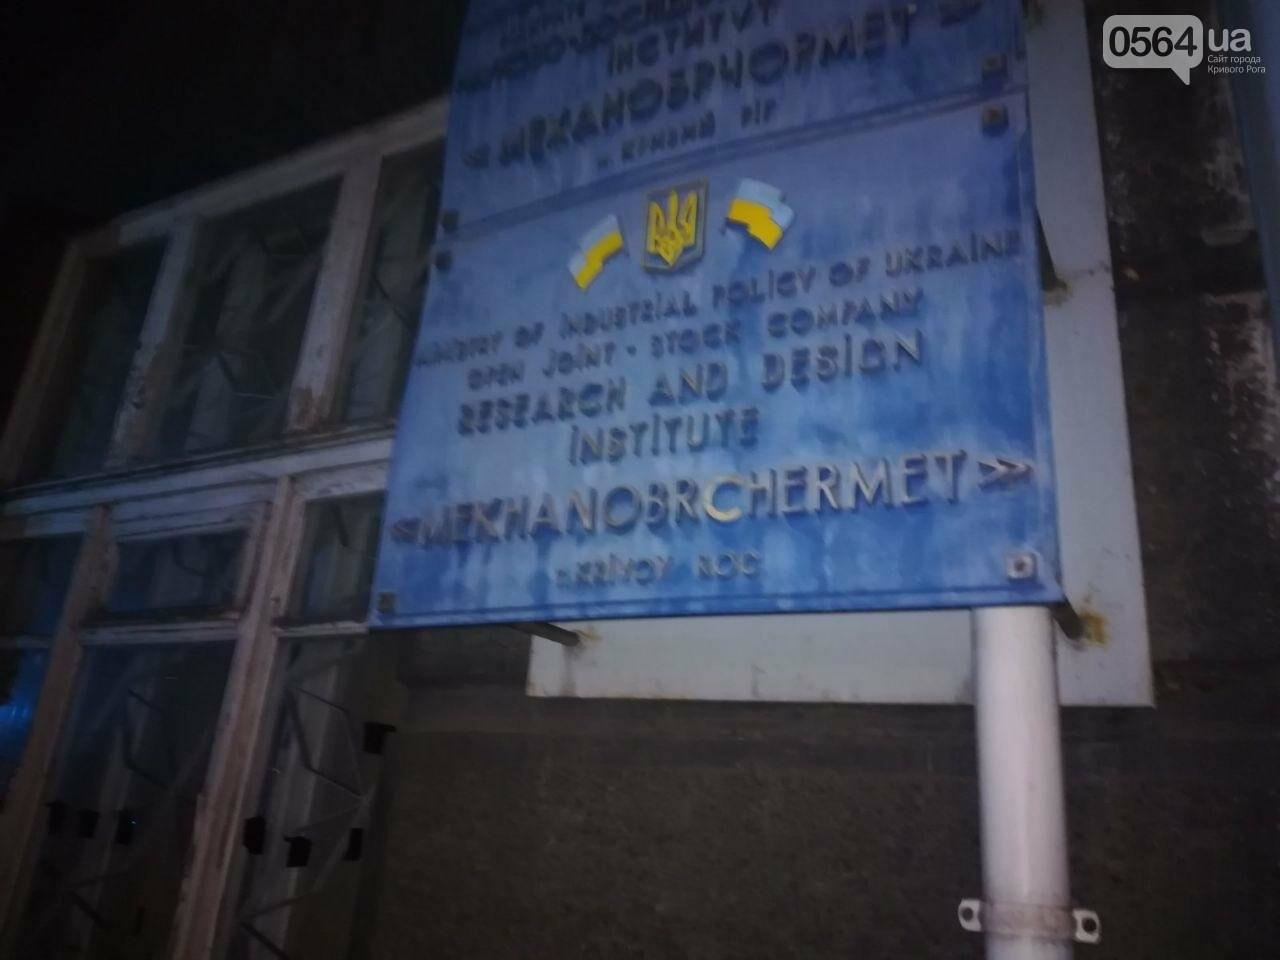 """В Кривом Роге вечером загорелось помещение """"Механобрчермета"""", - ФОТО, фото-1"""